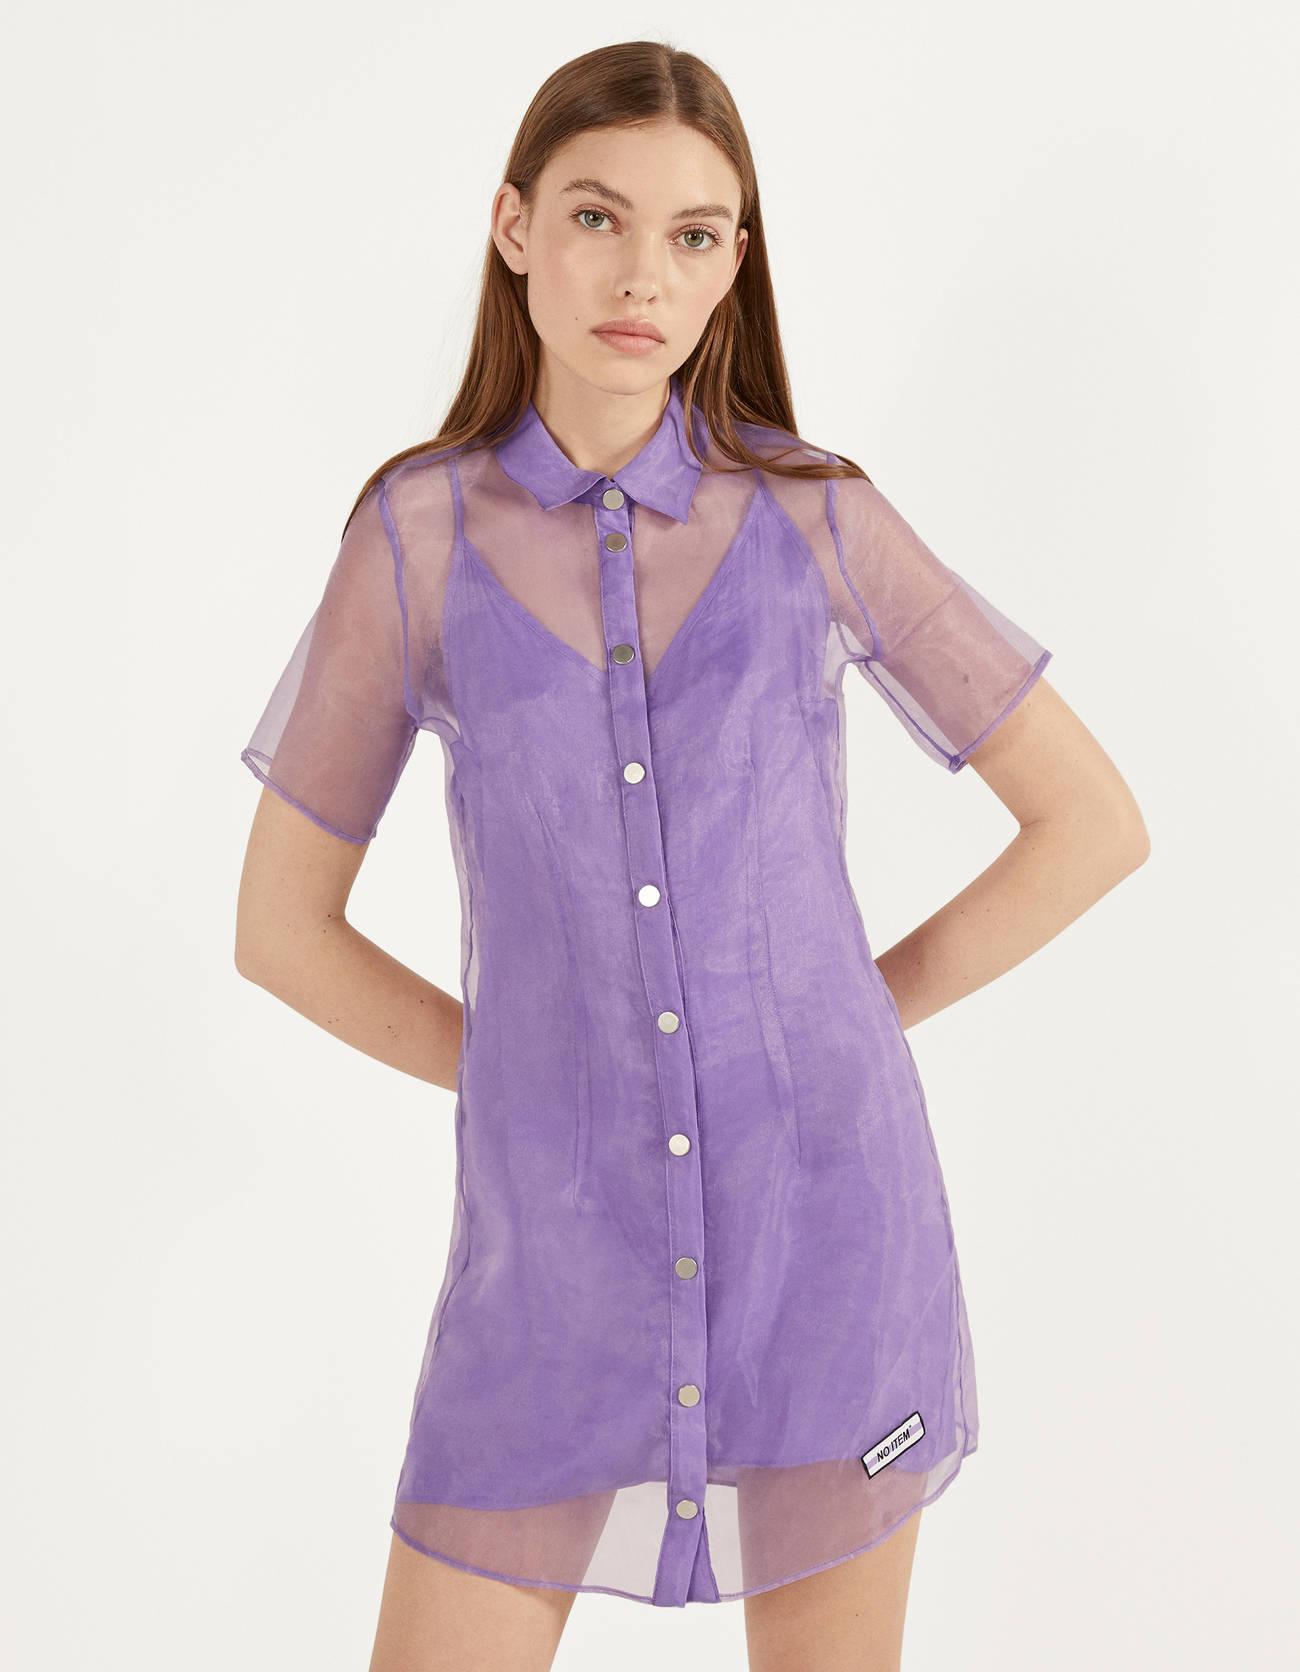 Vestido corto de organza con forro. Cuello camisa, manga corta y cierre mediante botones frontales.